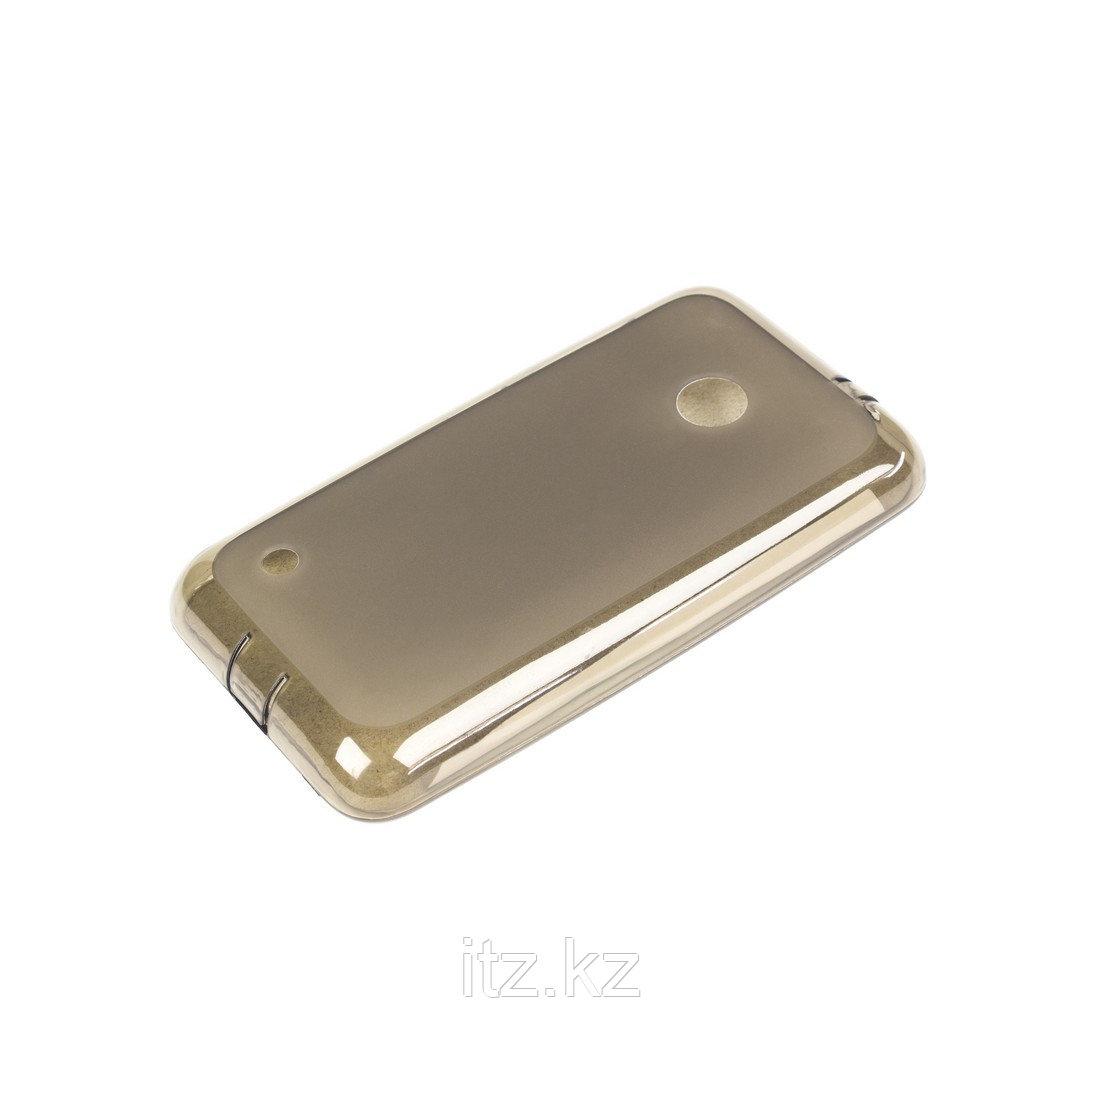 Чехол для телефона NOKIA Lumia 530 DUOS